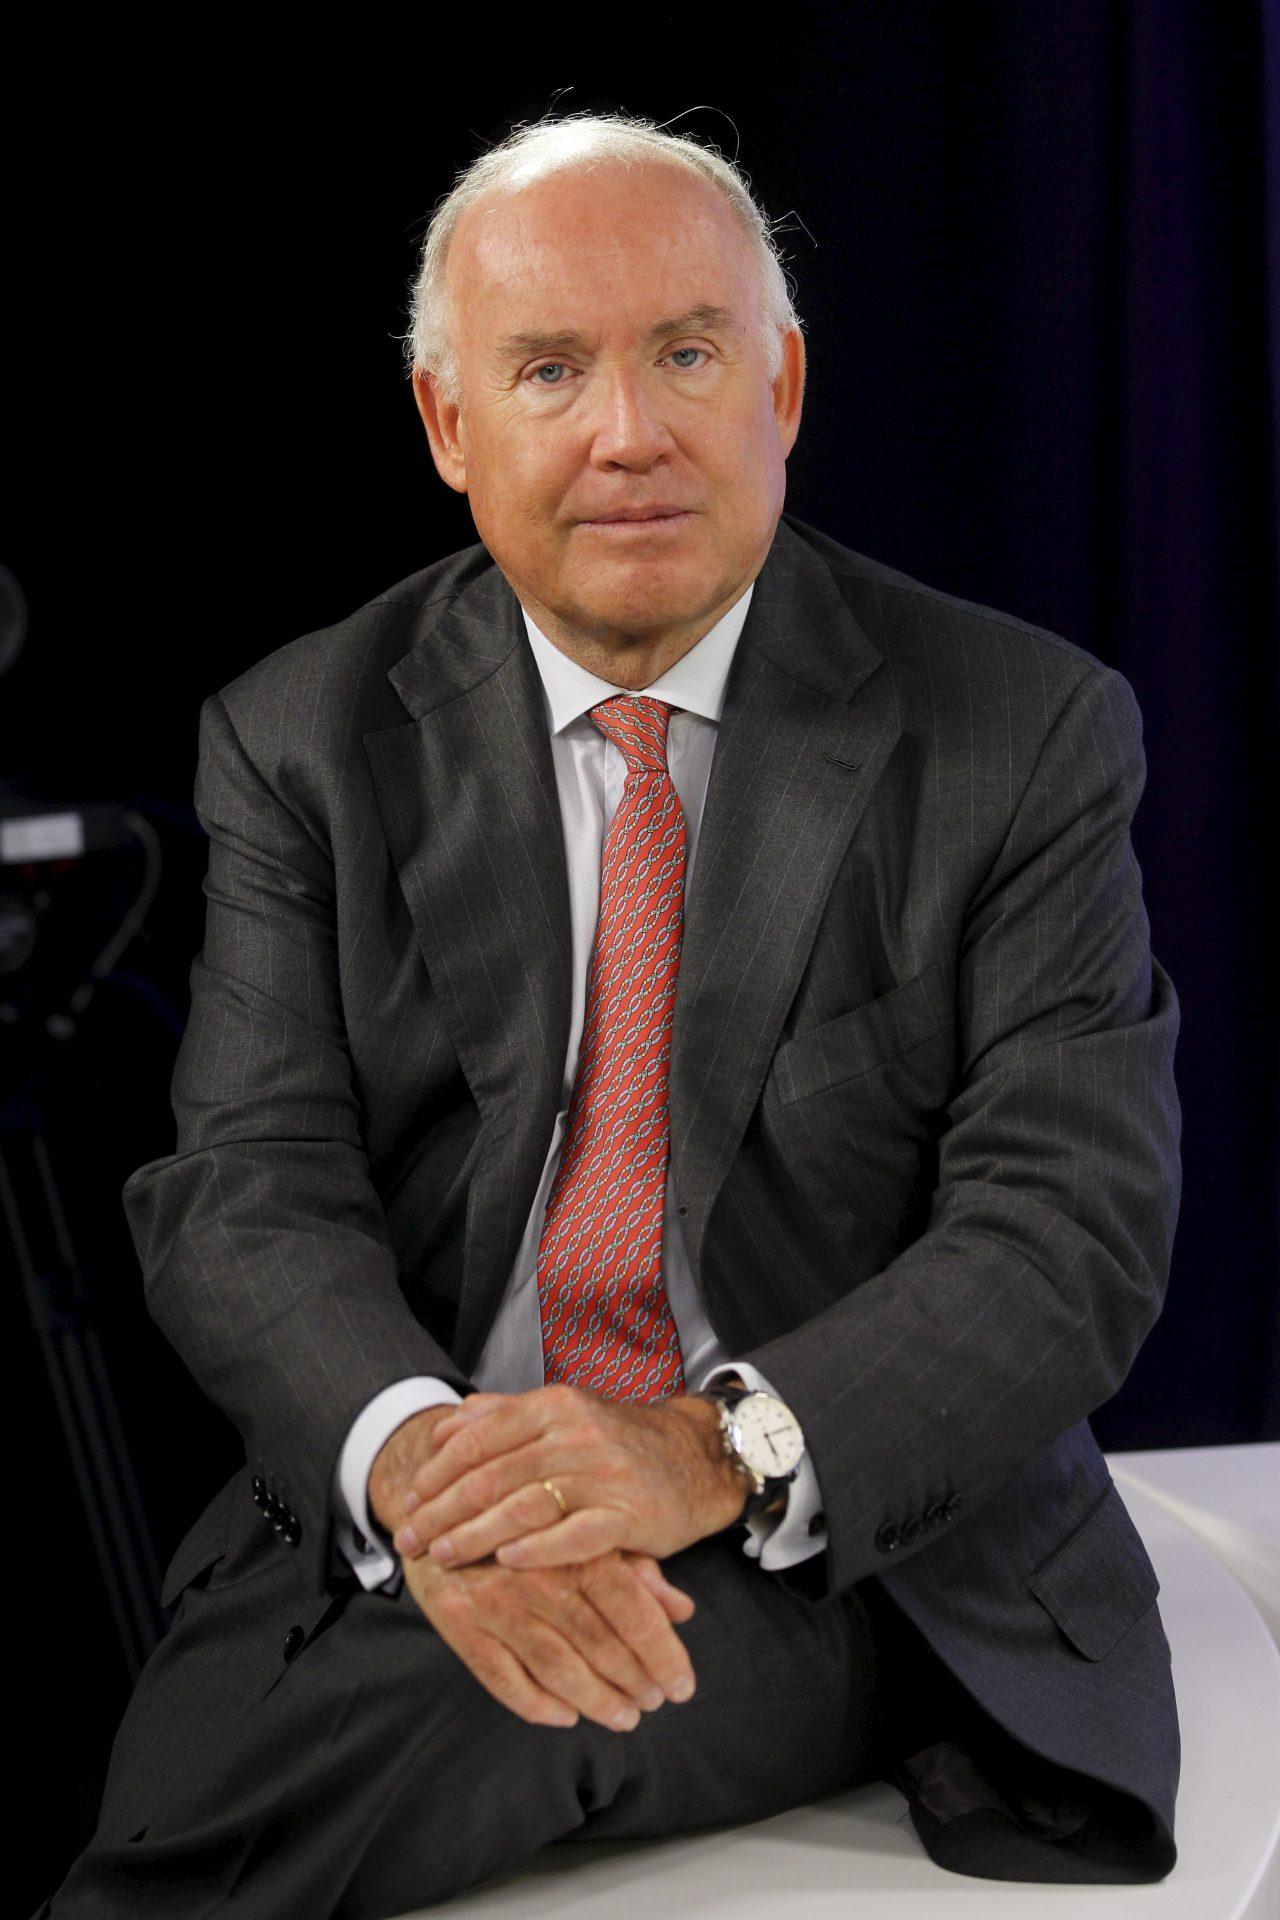 Dominique BUSSEREAU